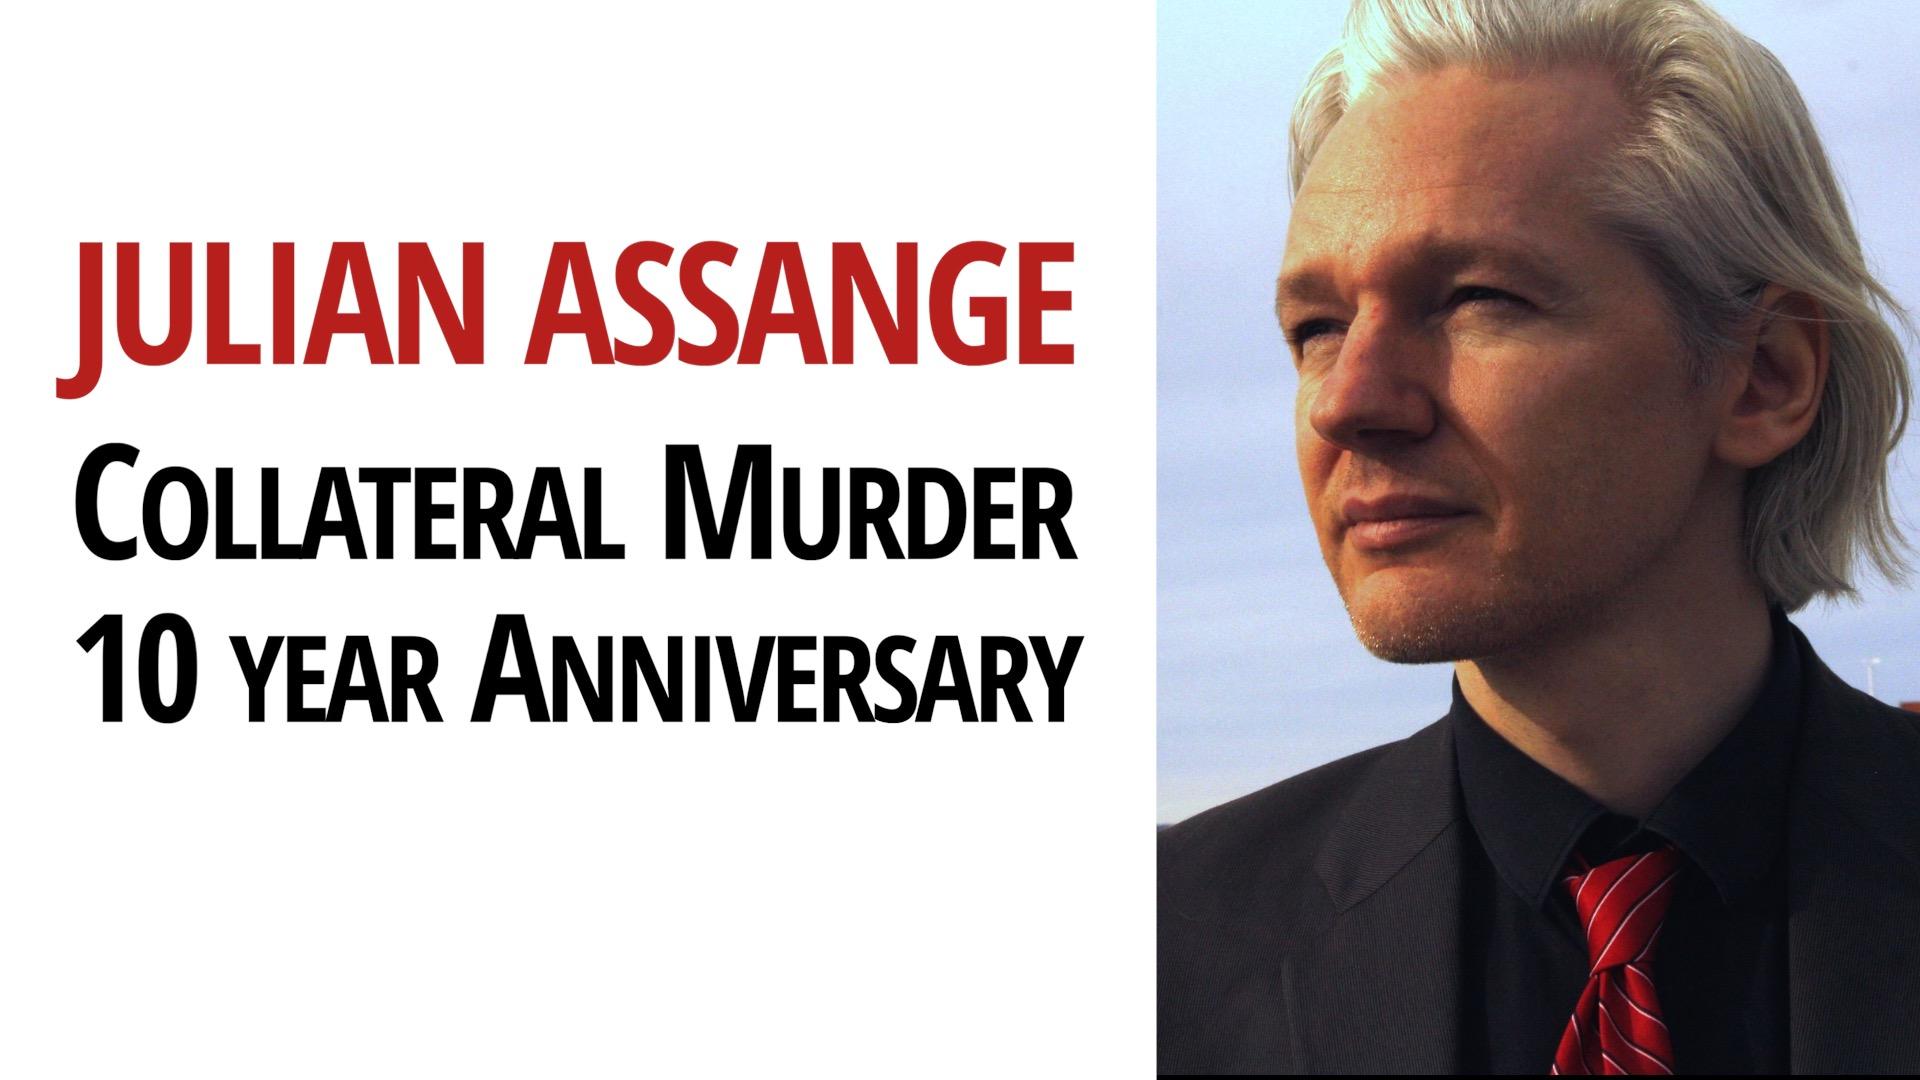 Julian Assange WikiLeaks Collateral Murder